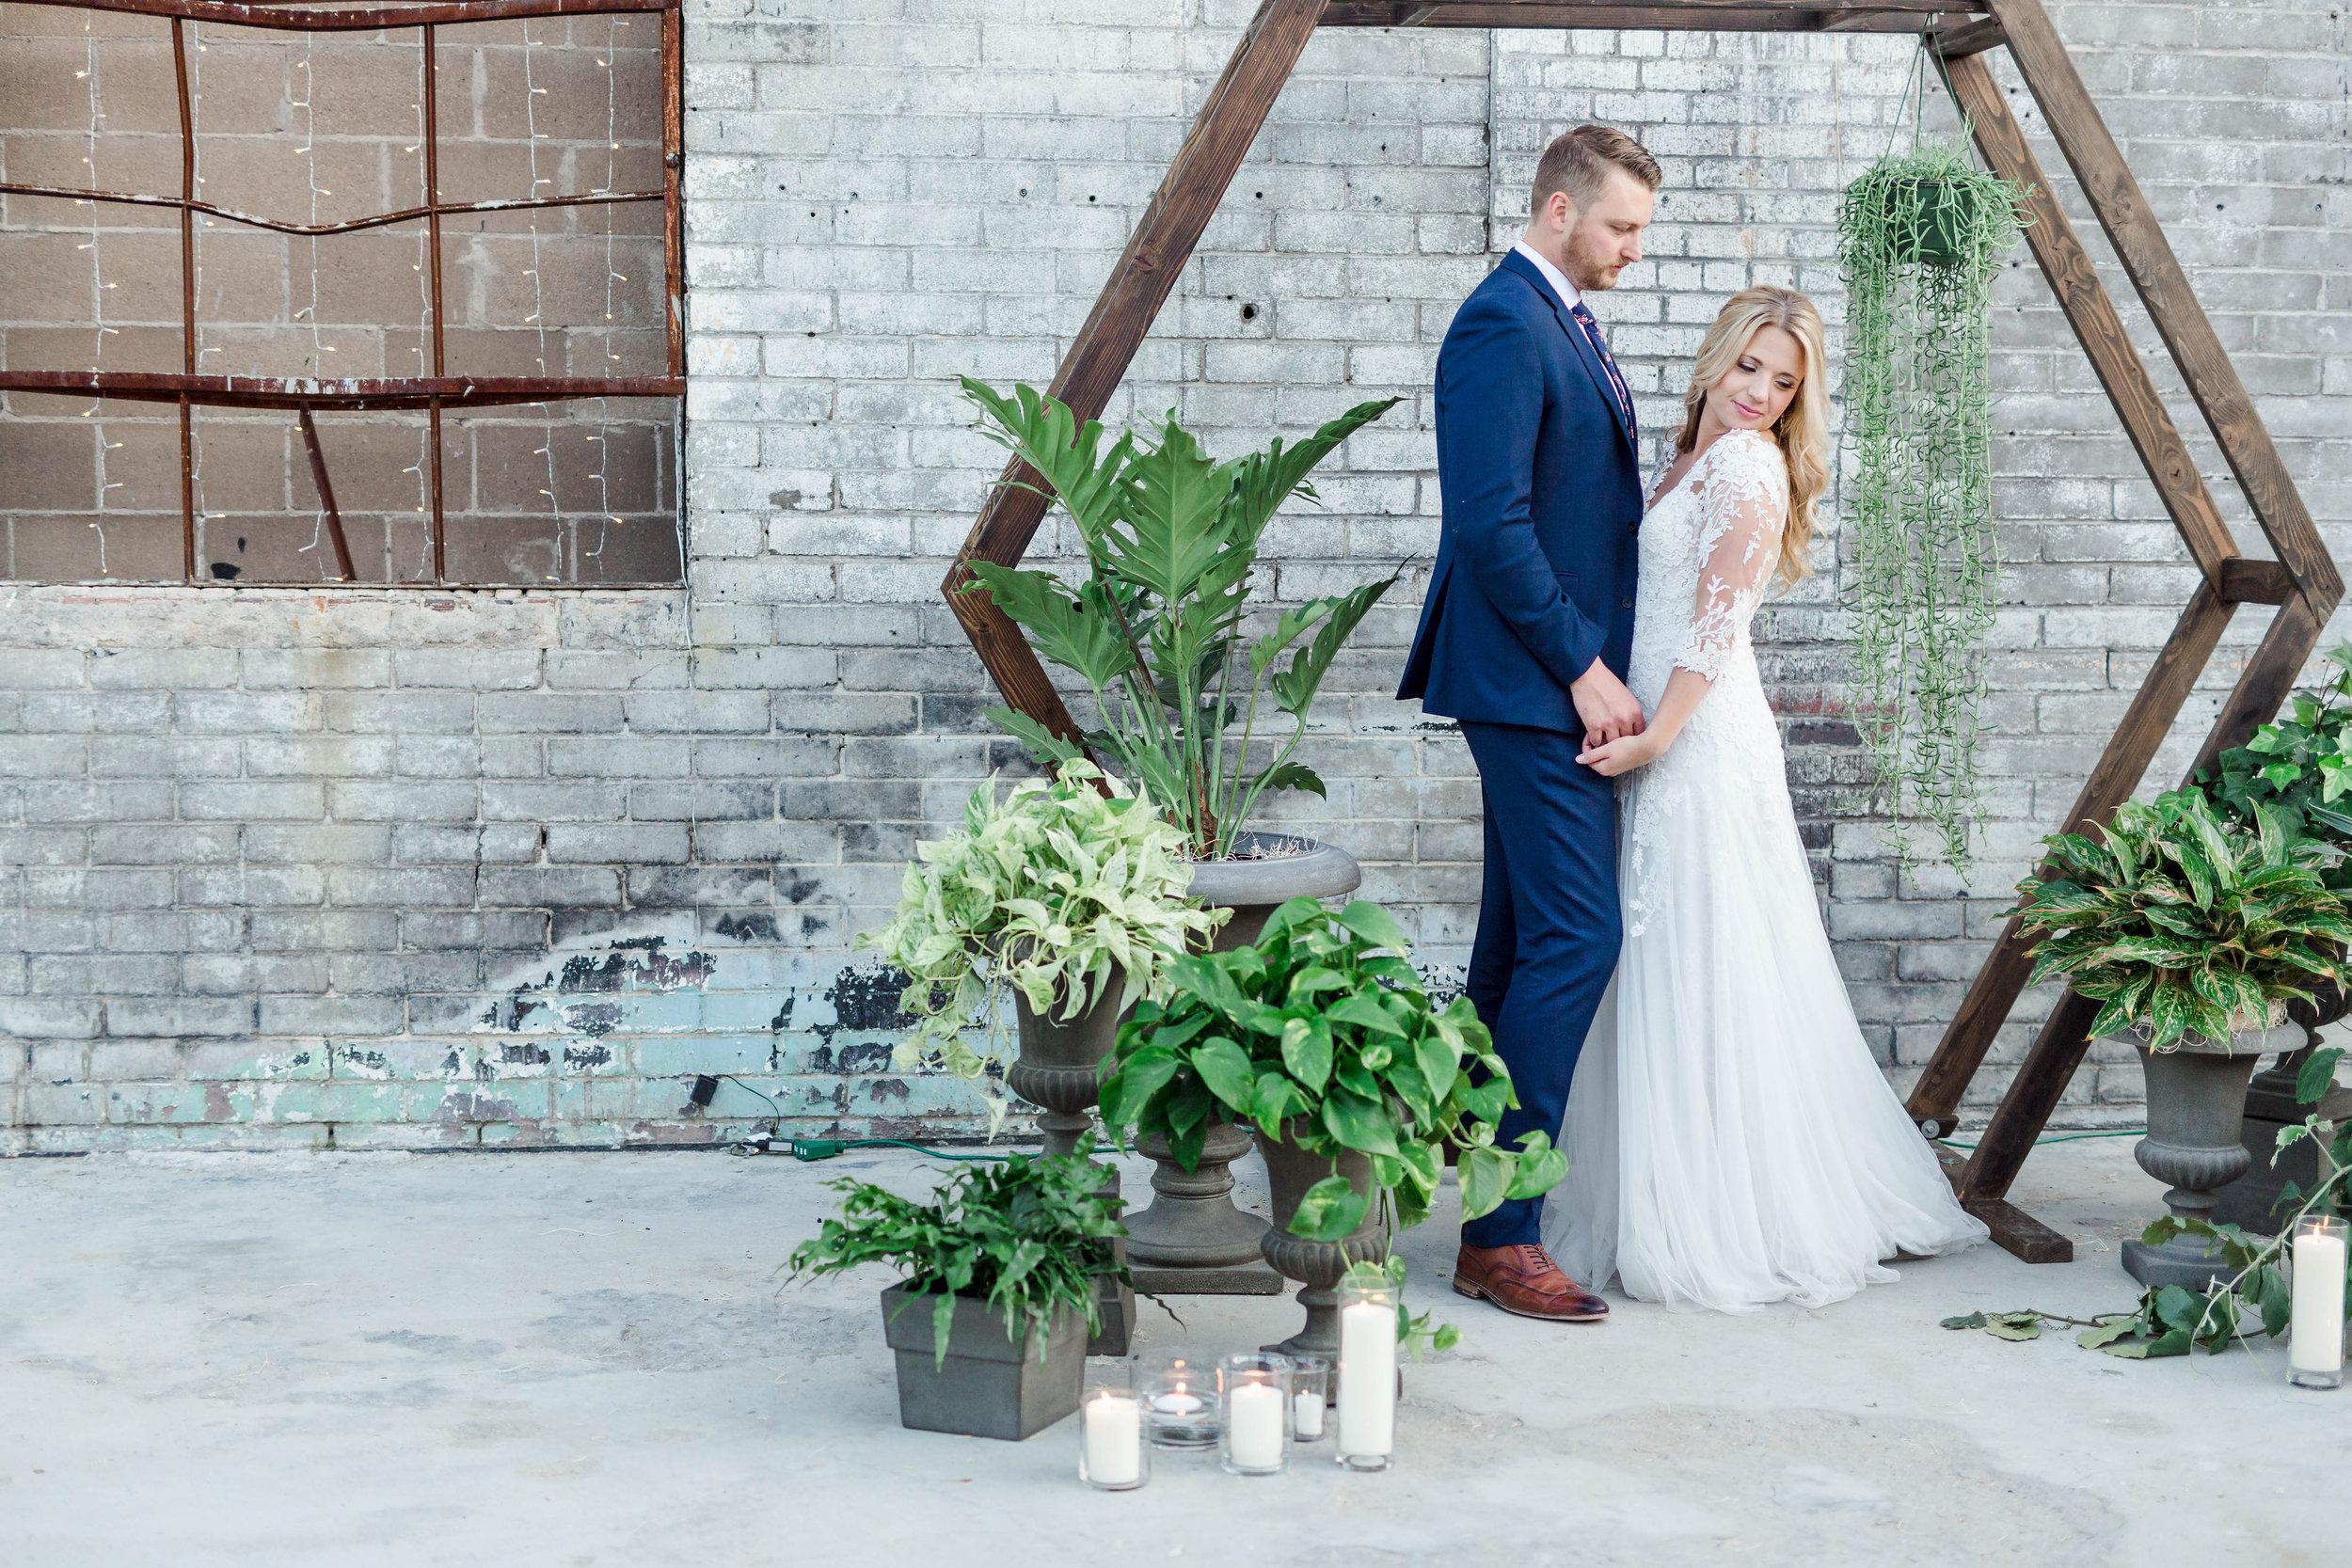 BeBoulderPhotography_WeddingPhotography-297.jpg